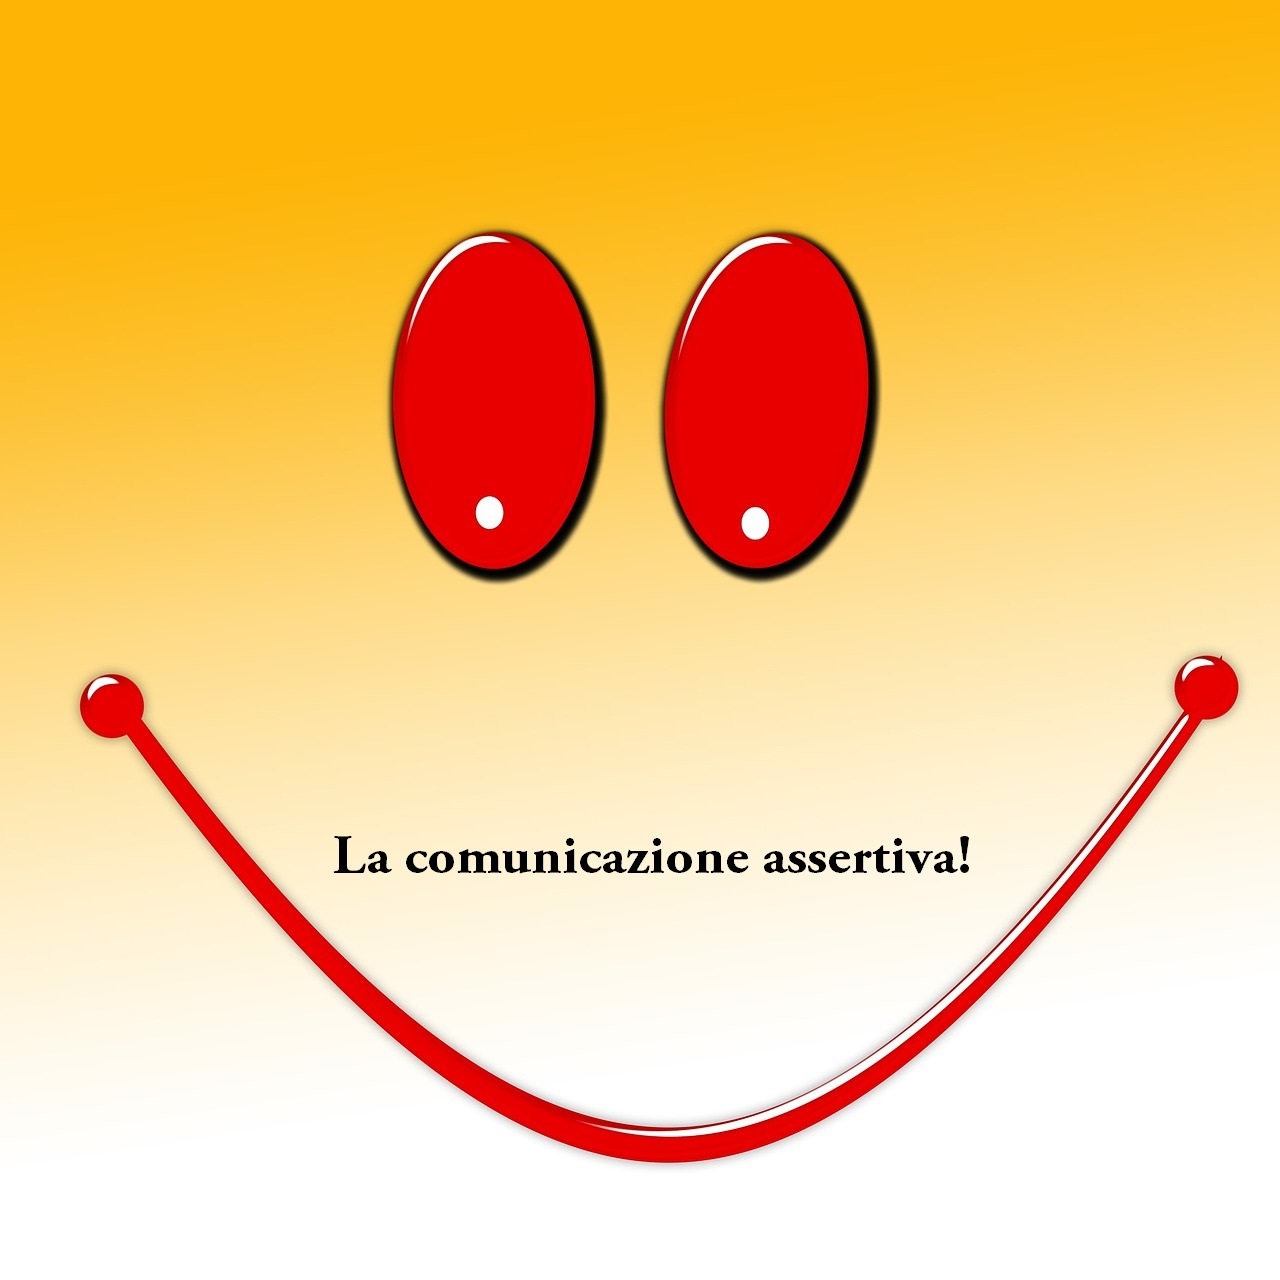 Comunicazione assertiva